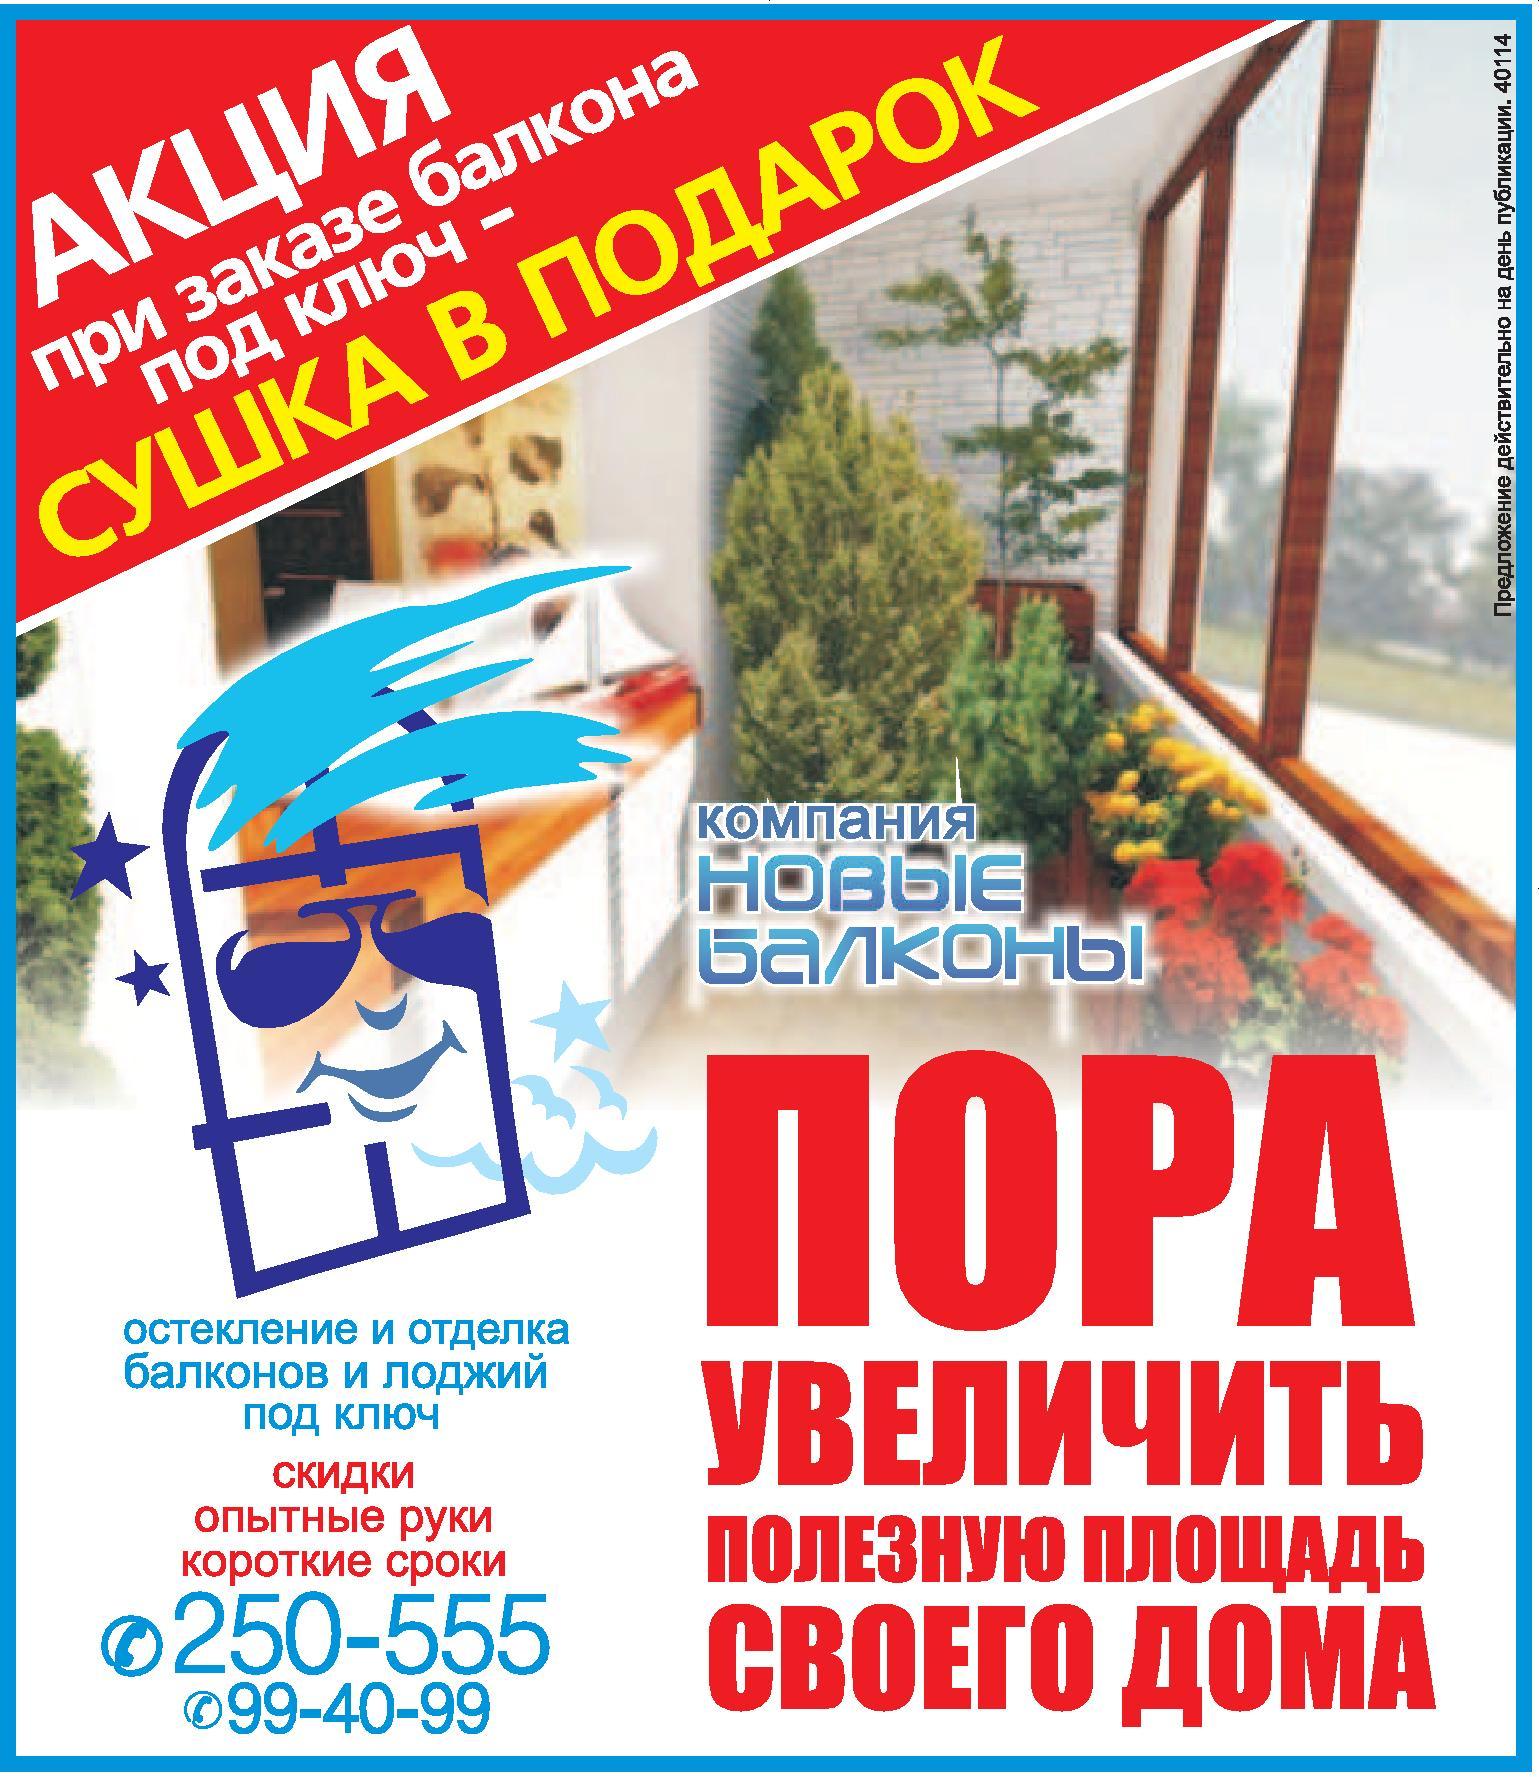 Обшивка балкона акция москва. - дизайны балконов - каталог с.